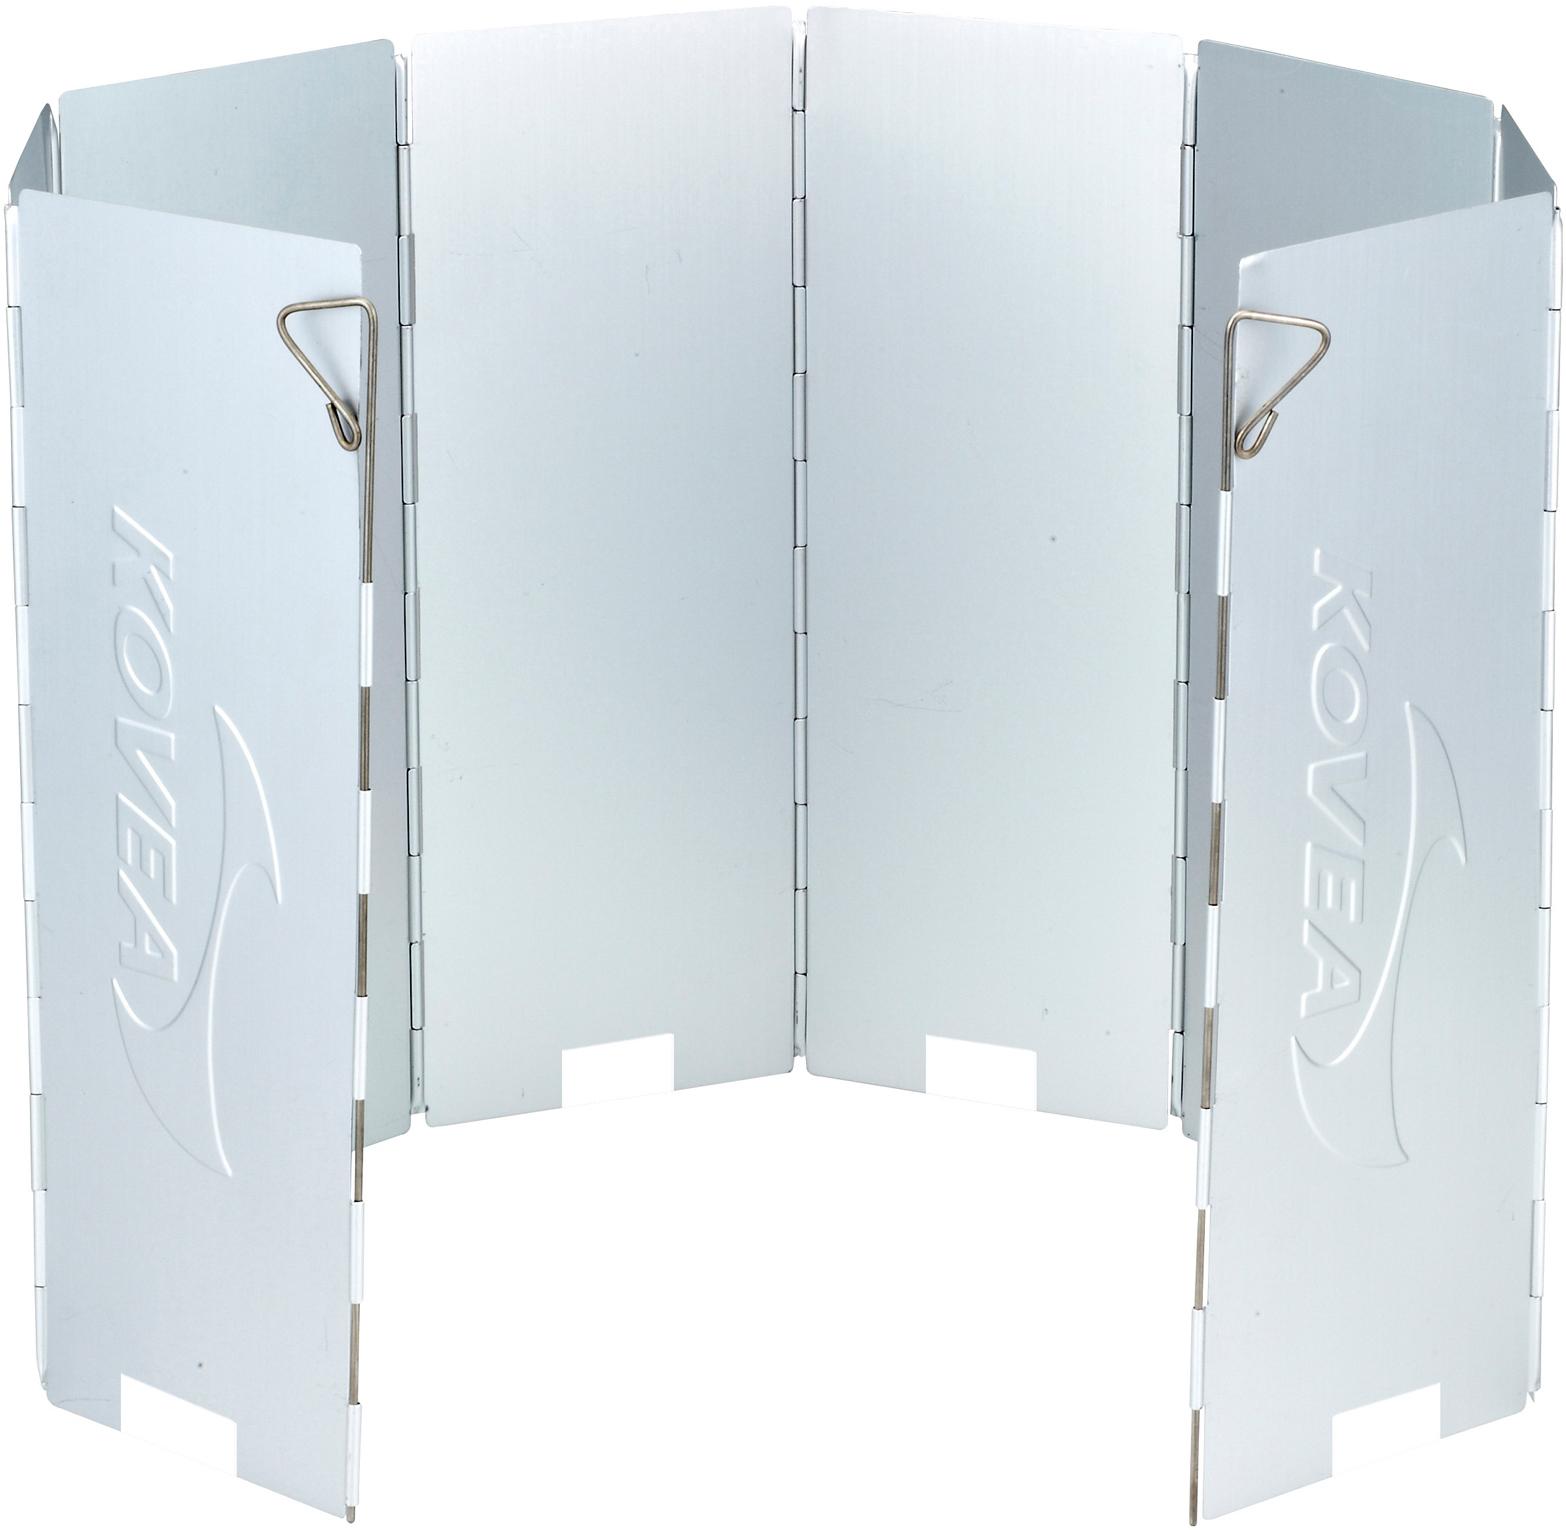 Экран ветрозащитный Kovea KW-010130872Складной восьмисекционный алюминиевый ветрозащитный экран для защиты пламени горелки от ветра. Применение экрана в полтора раза экономит топливо и уменьшает время приготовления пищи. Во избежание перегрева баллона при работе с горелками без шланга следите за тем, чтобы при установке экрана между ним и кастрюлей всегда оставалось несколько сантиметров для выхода тепла, иначе пьезоподжиг или другие пластиковые детали могут оплавиться и выйти из строя.Комплектация: ветрозащитный экран, пластиковый чехол.